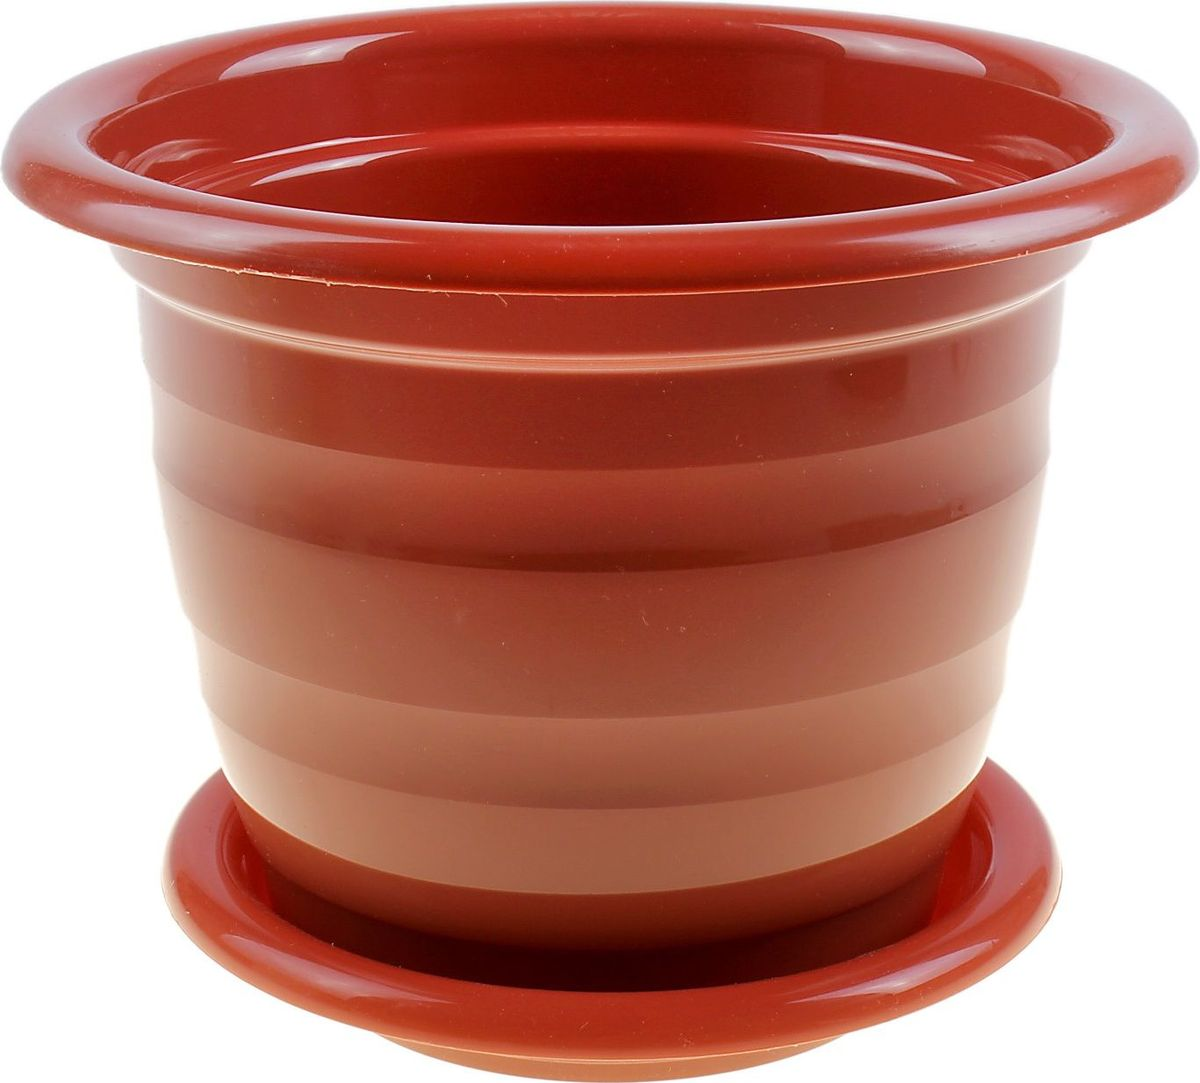 Горшок для цветов Альтернатива Виола, с поддоном, цвет: коричневый, 1 л631661Горшок для цветов Альтернатива Виола изготовлен из качественного пластика и оснащен поддоном для стока воды. Изделие прекрасно подойдет для выращивания растений дома и на приусадебных участках. Размеры изделия: 15,5 х 15,5 х 12,5 см.